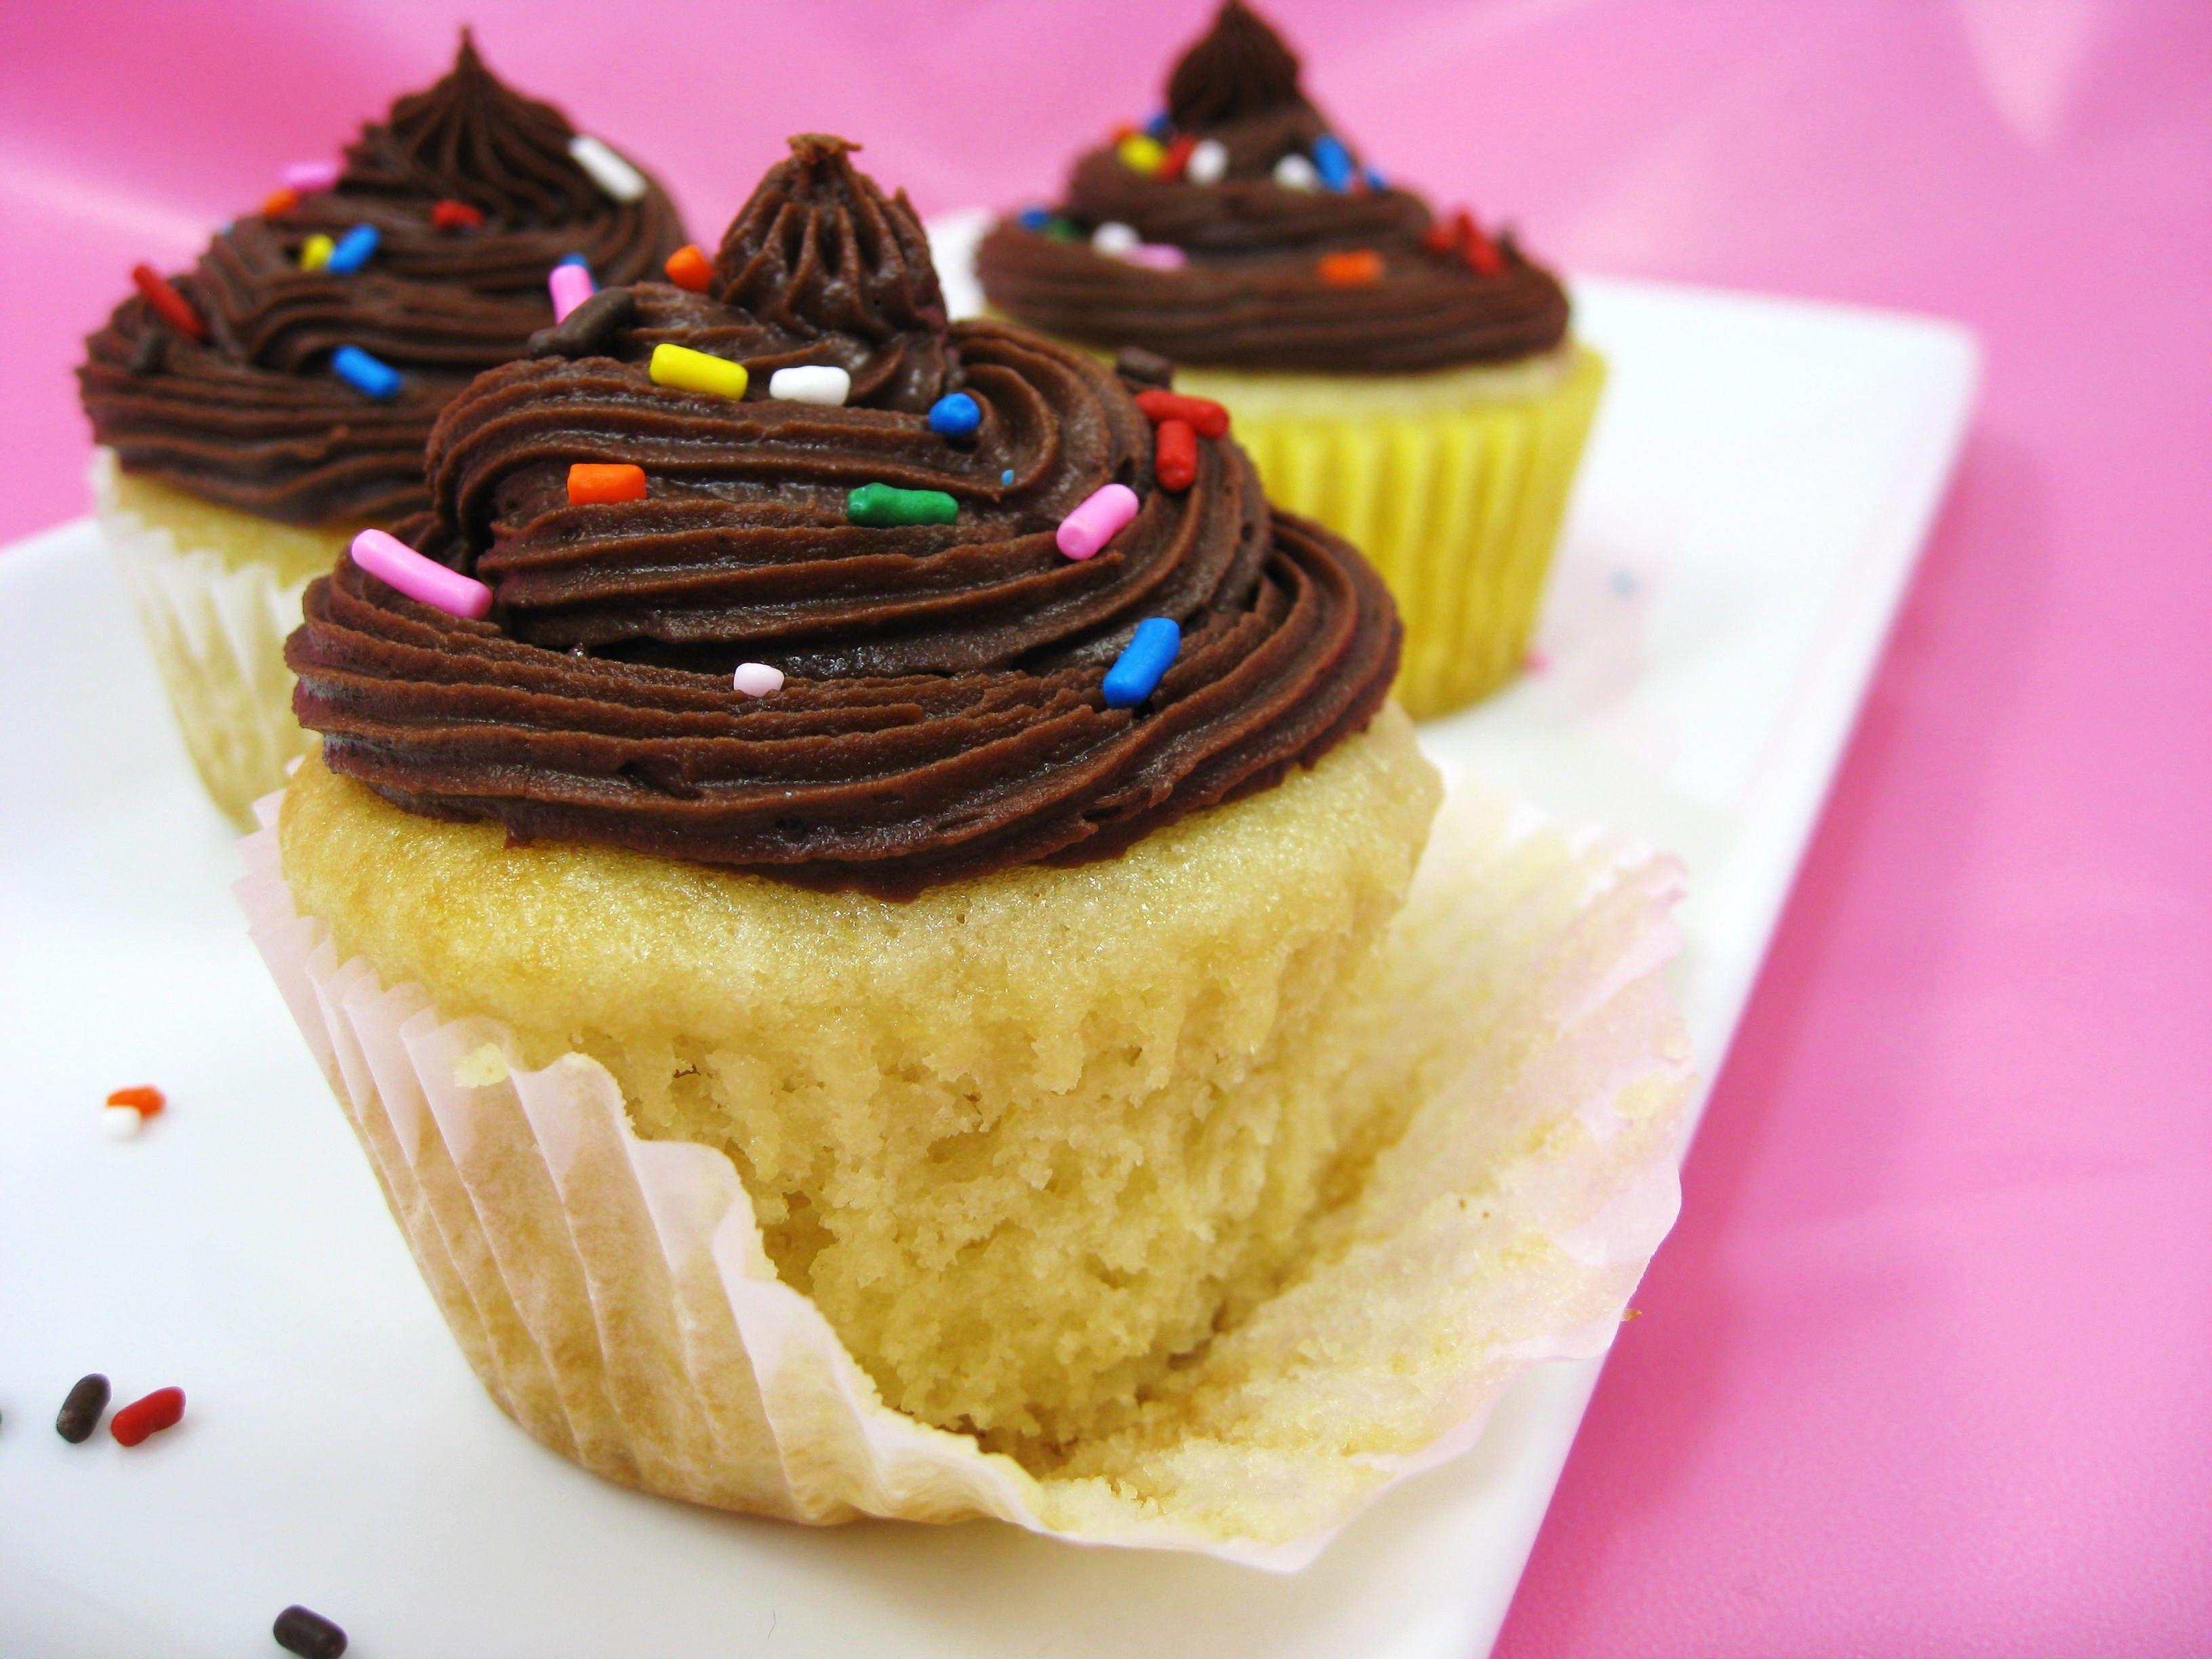 Glutenfree cake recipe gluten free yellow cake recipe